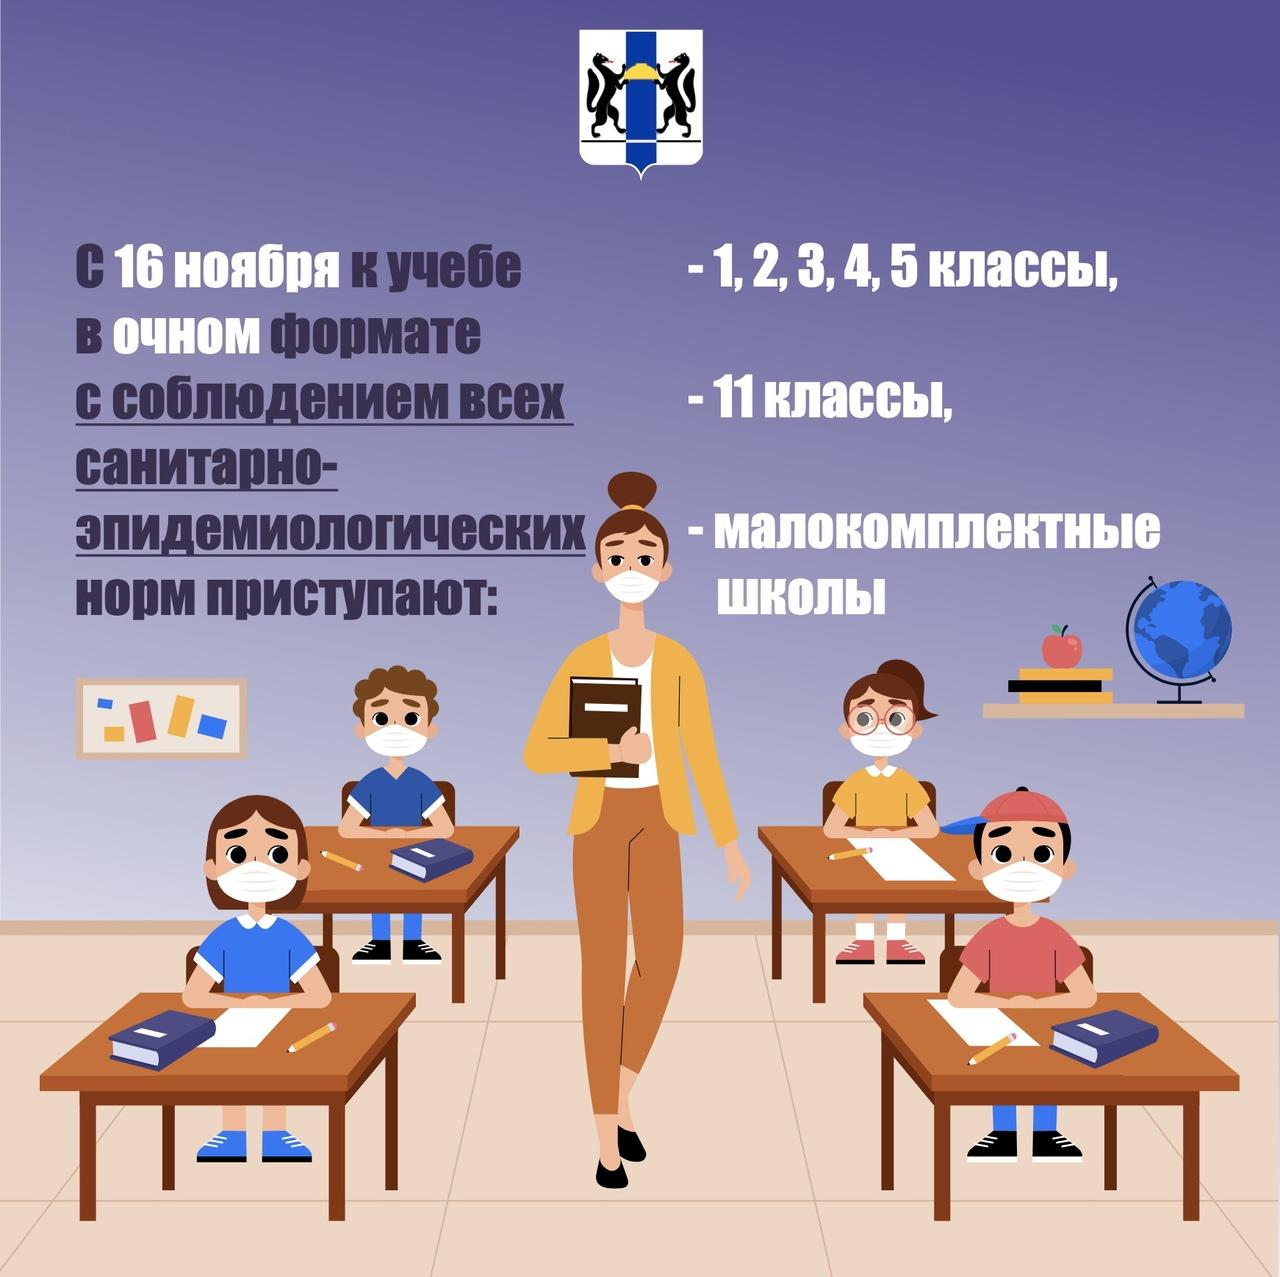 фото Как будут учиться школьники Новосибирска с 16 ноября: показываем в трёх карточках 3